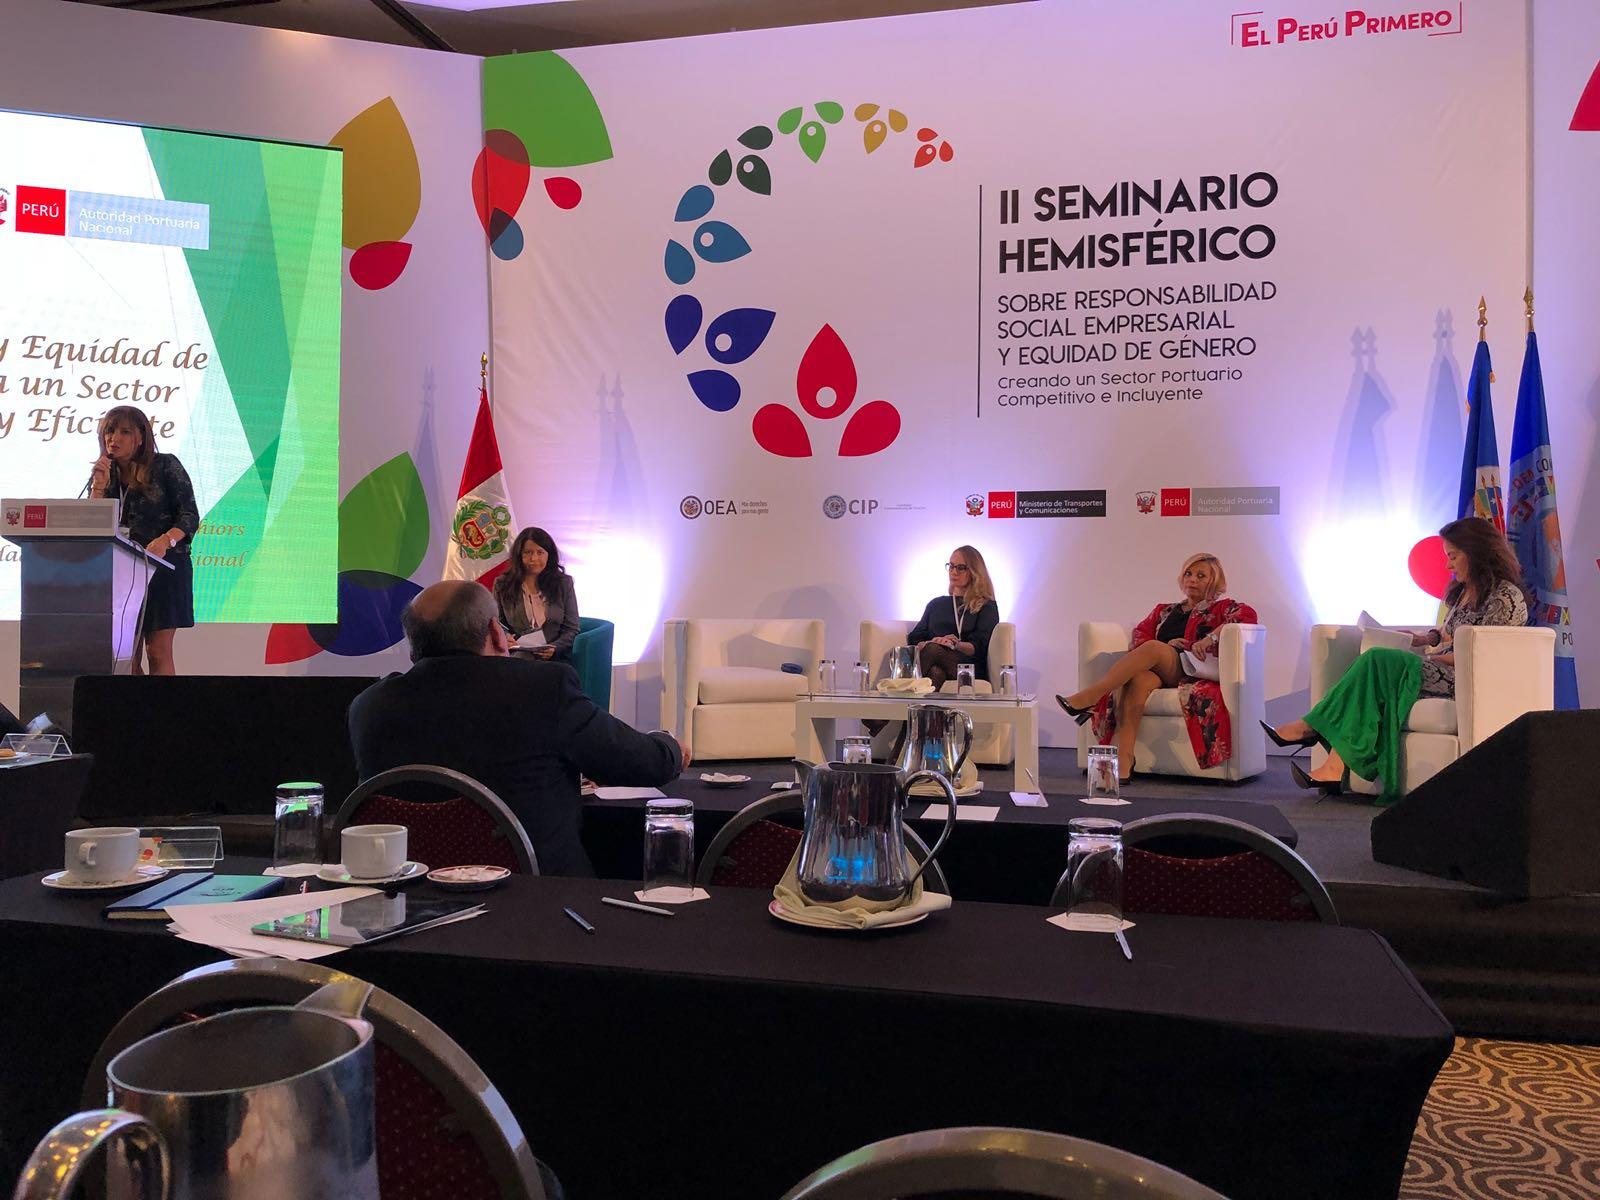 Instituto Nacional de Logística de Uruguay fue reconocido en seminario hemisférico portuario realizado en Lima